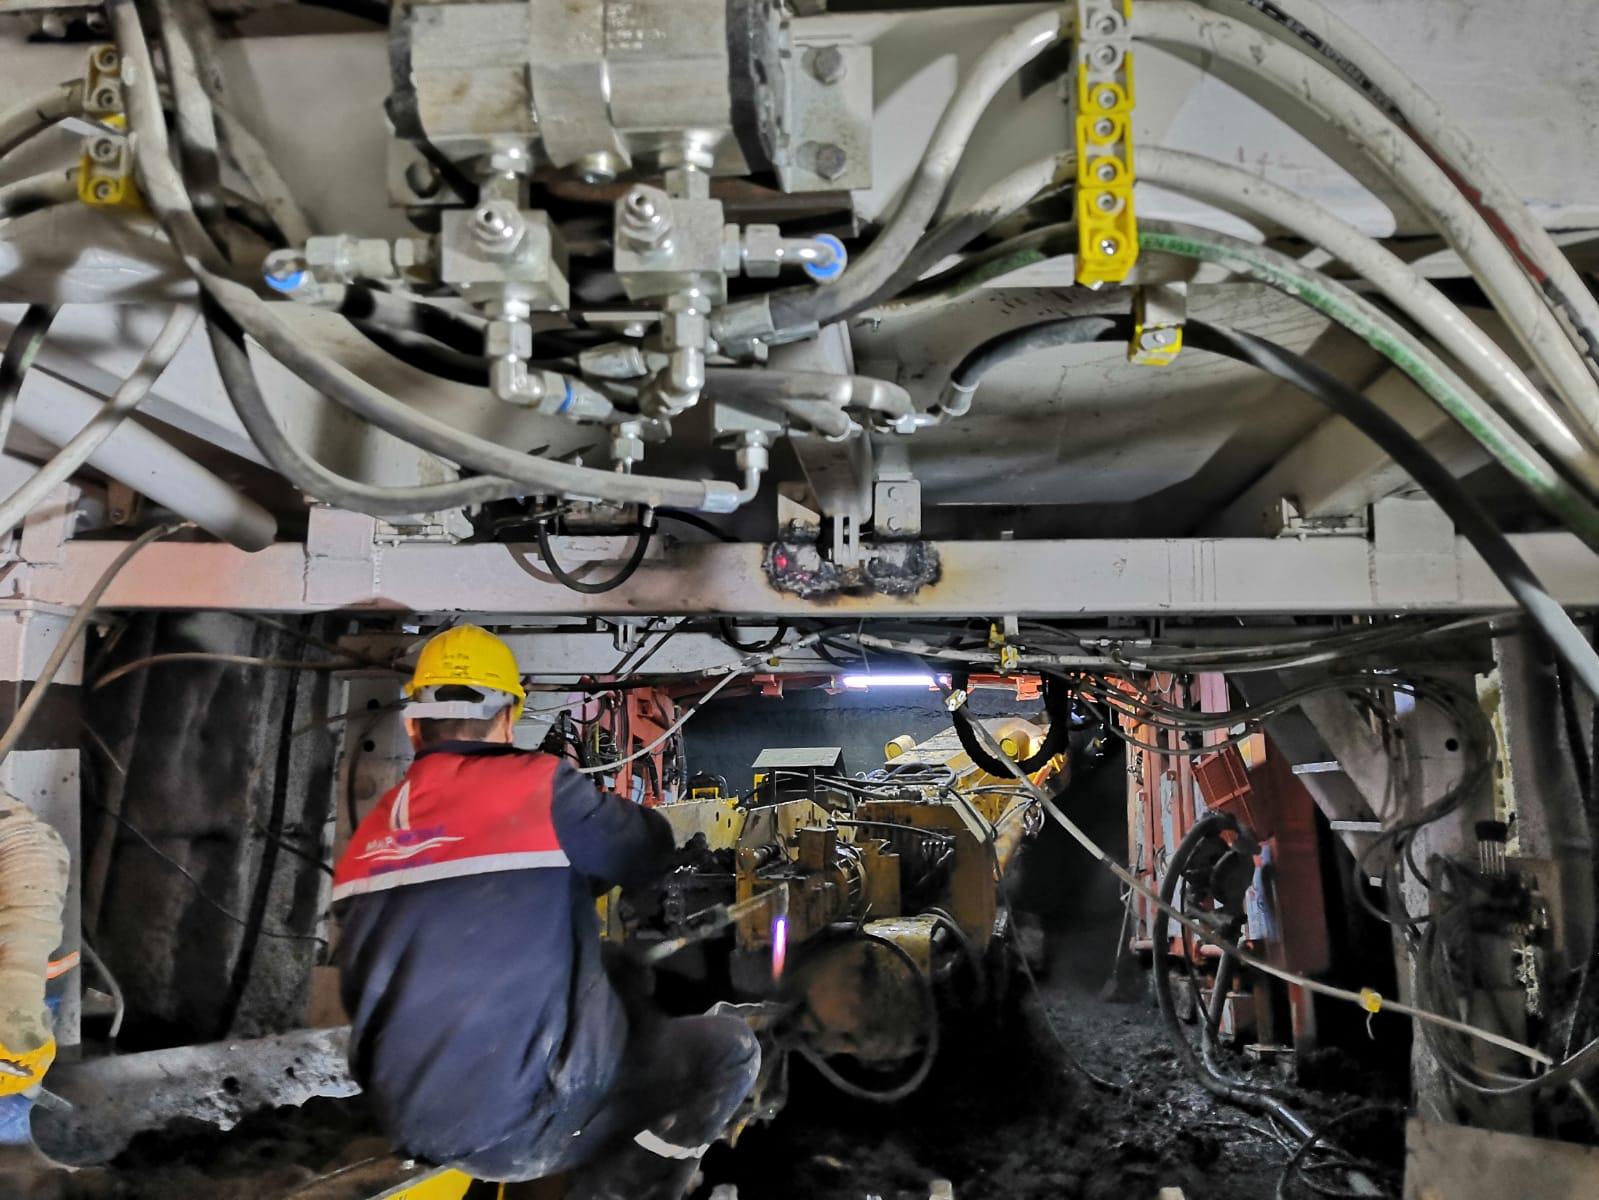 Maden ve Tünel ekipmanları